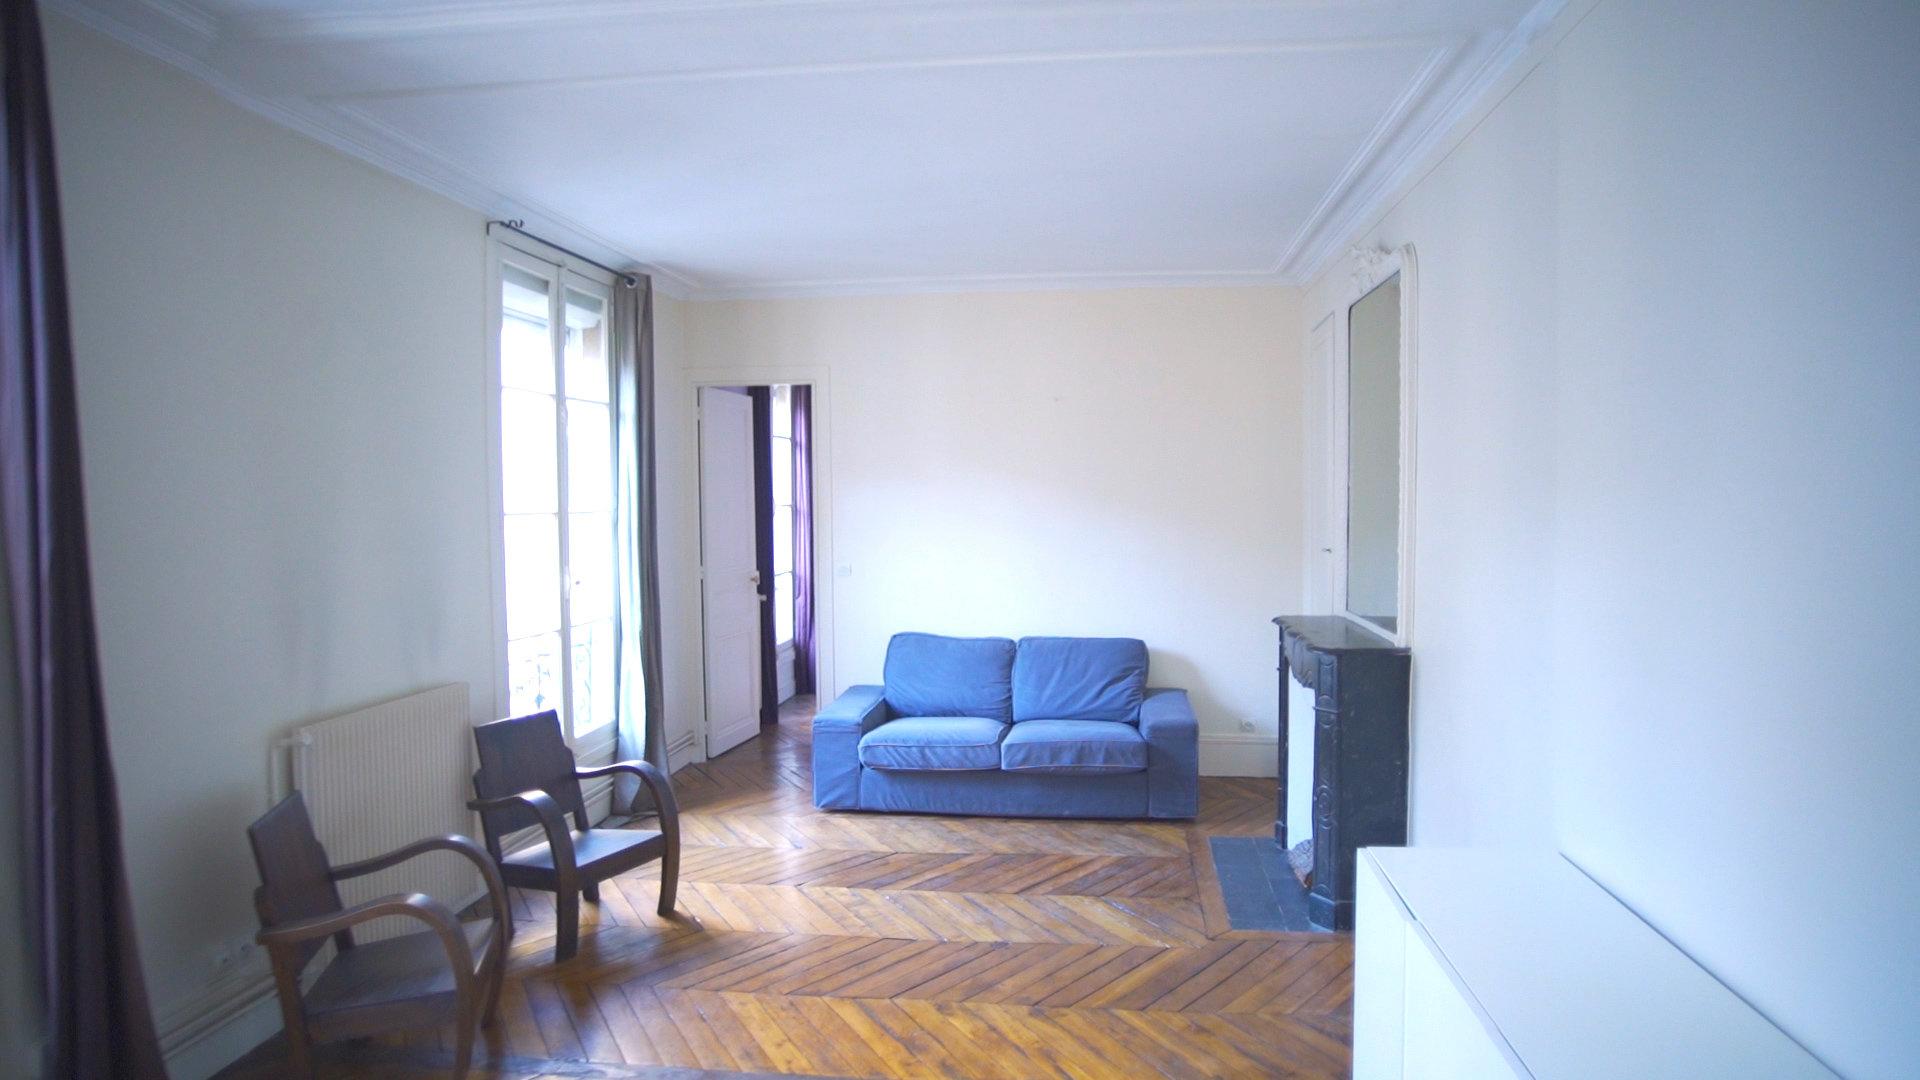 Achat Appartement Surface de 42.1 m²/ Total carrez : 42 m², 2 pièces, Paris 11ème (75011)